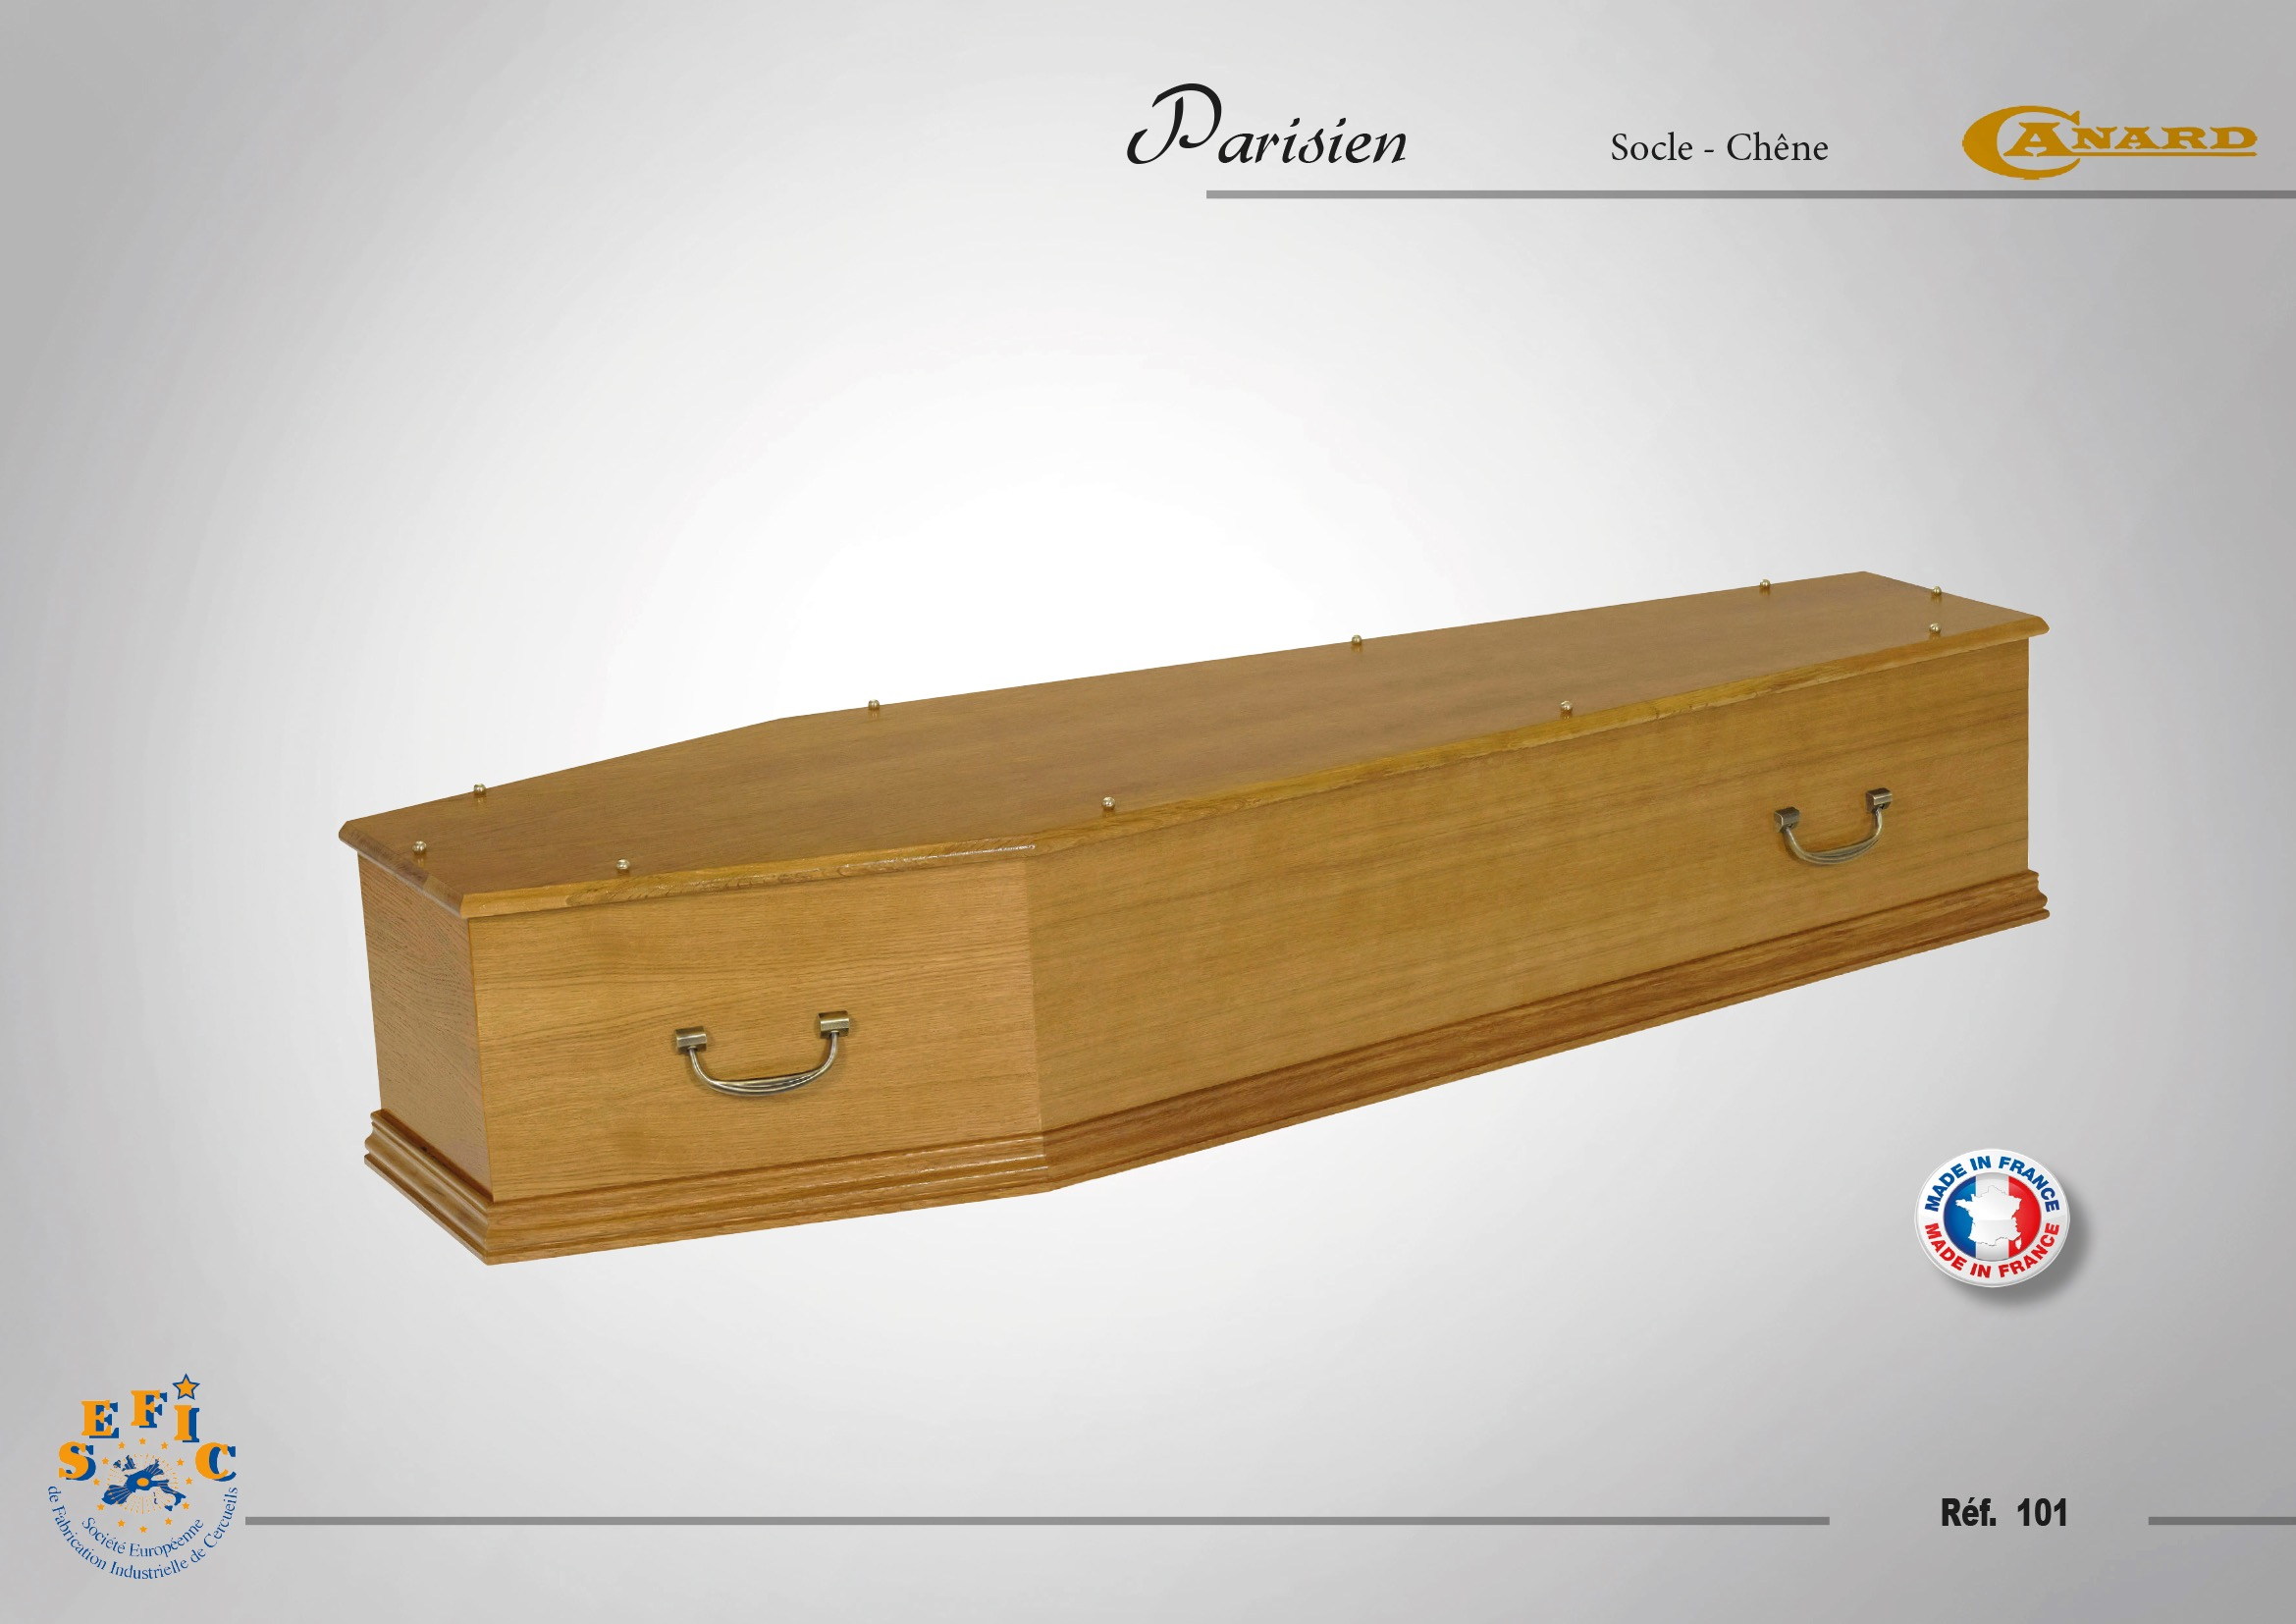 Cercueil Inhumation Parisien